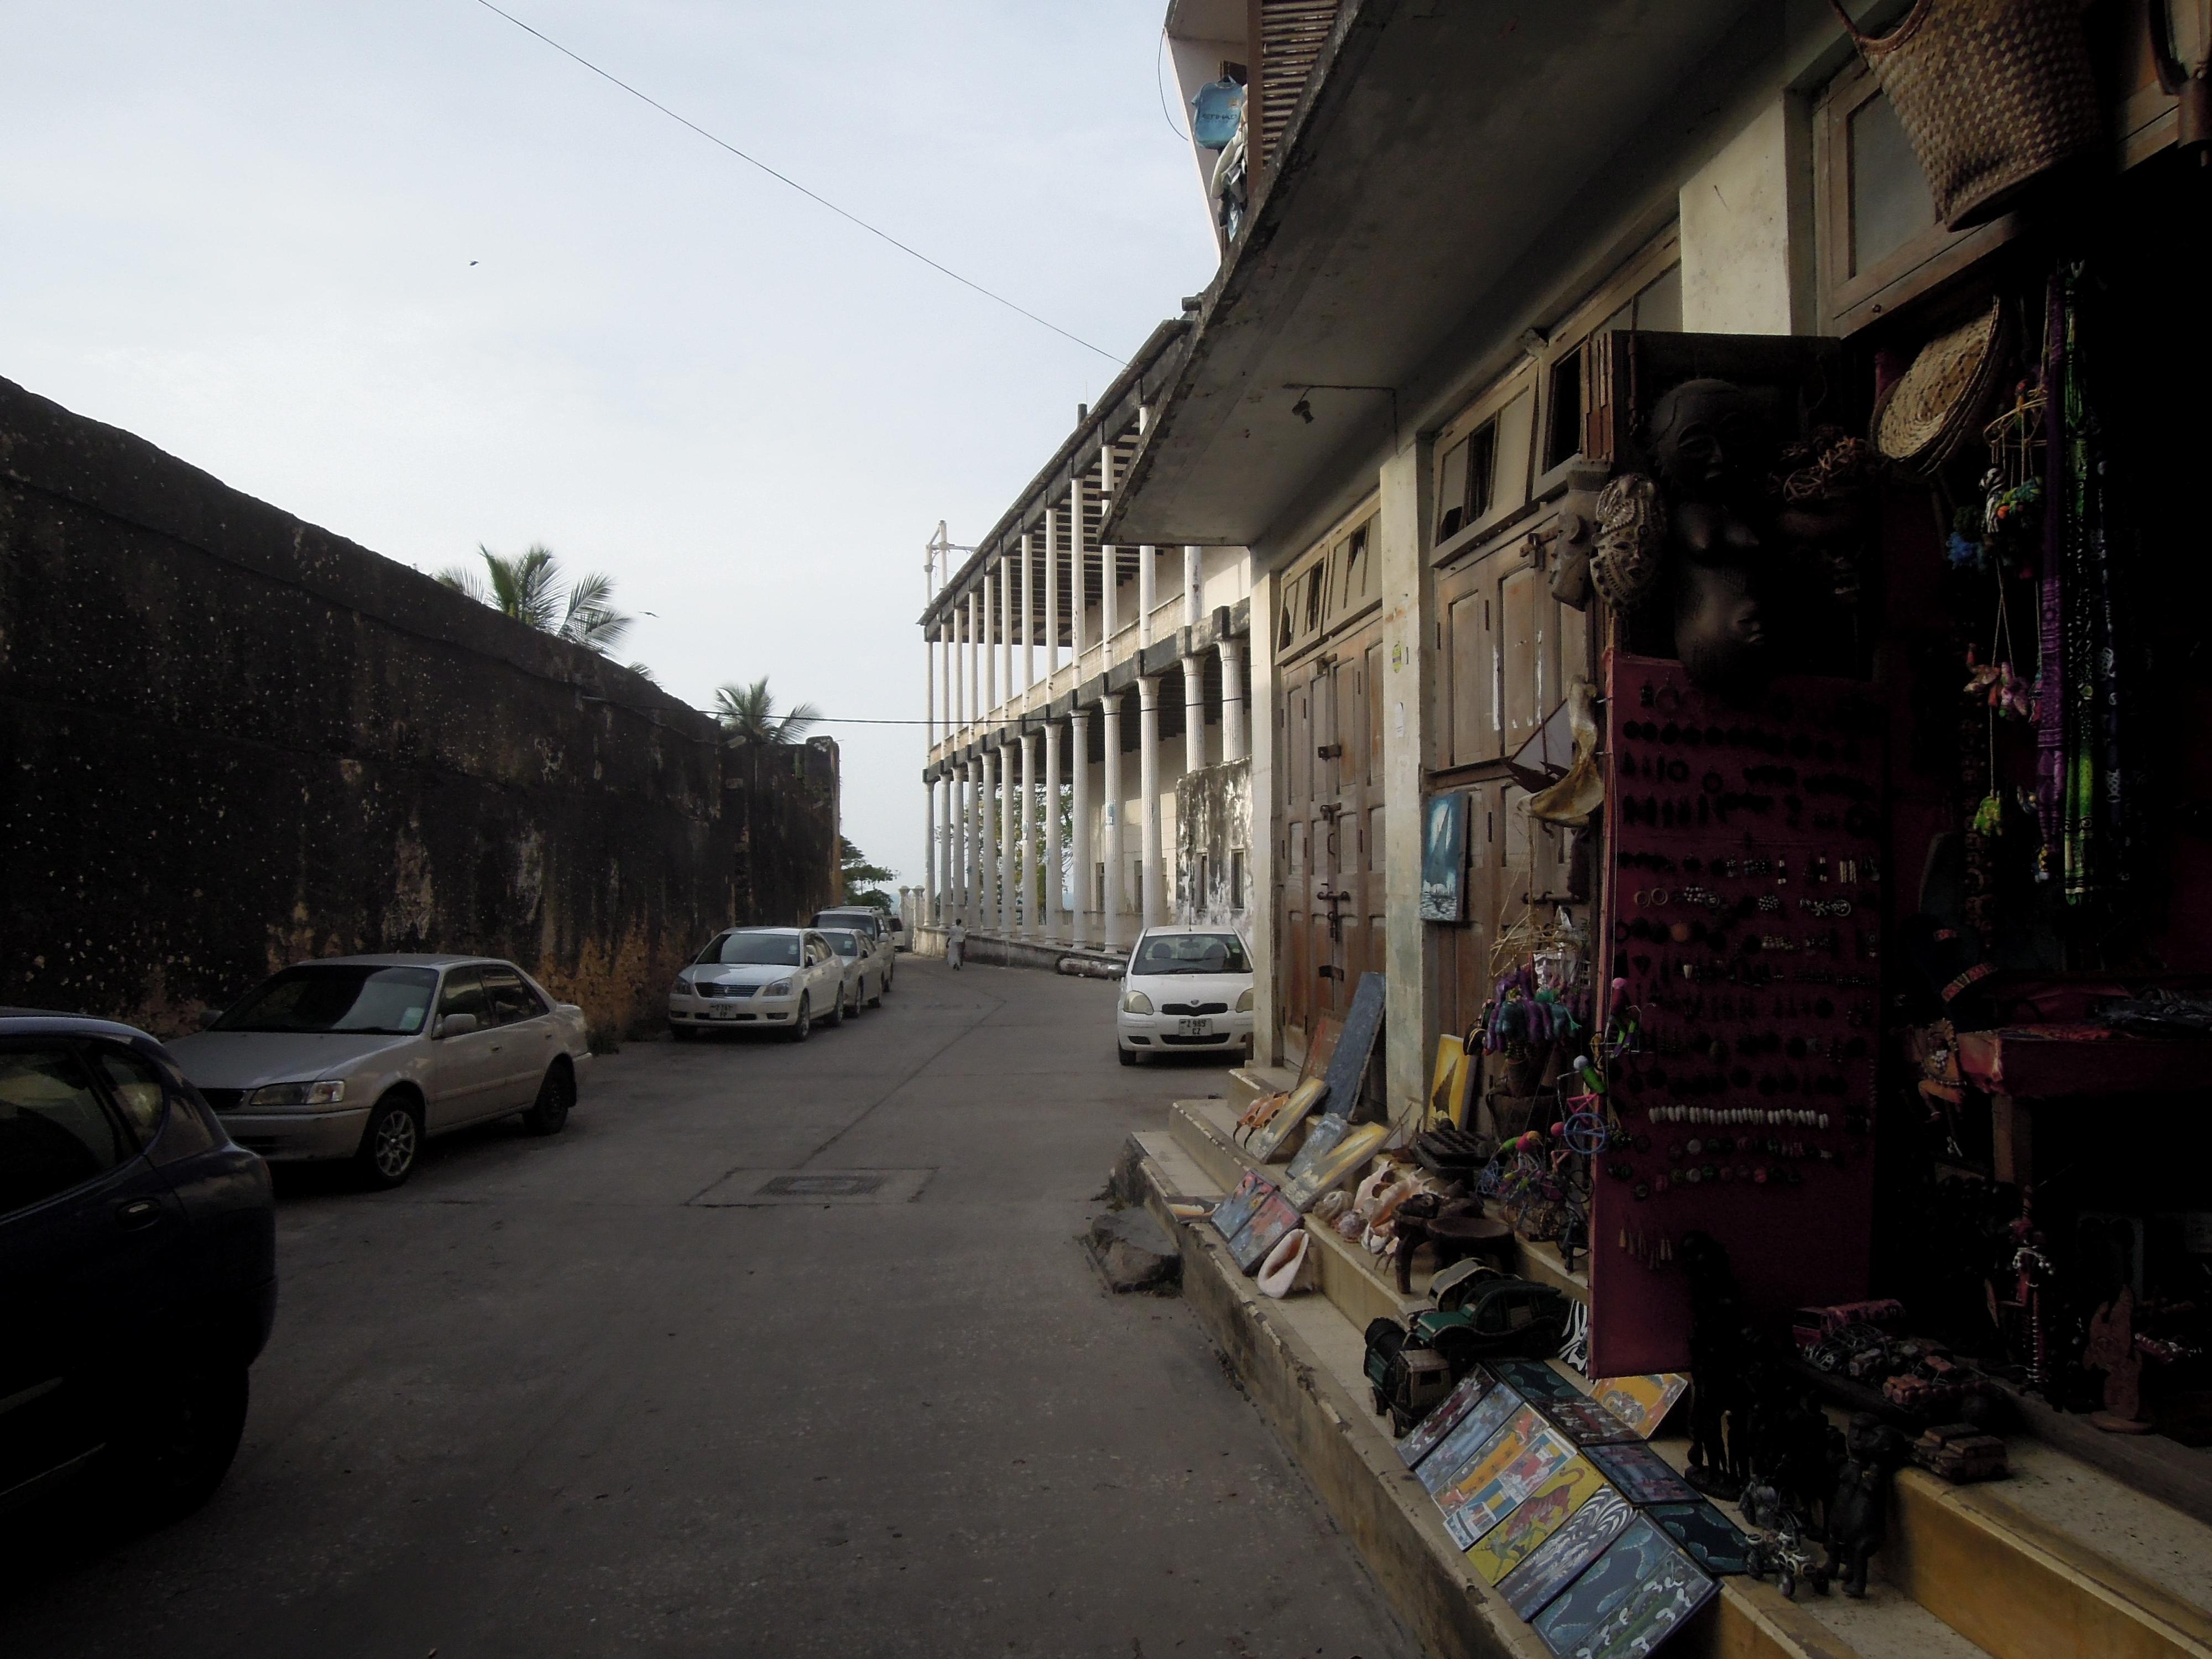 Sklep z pamiątkami, duża część ekonomii Zanzibaru opiera się na przemyśle turystycznym, Stone Town, Zanzibar, Tanzania, fot. M. Lehrmann